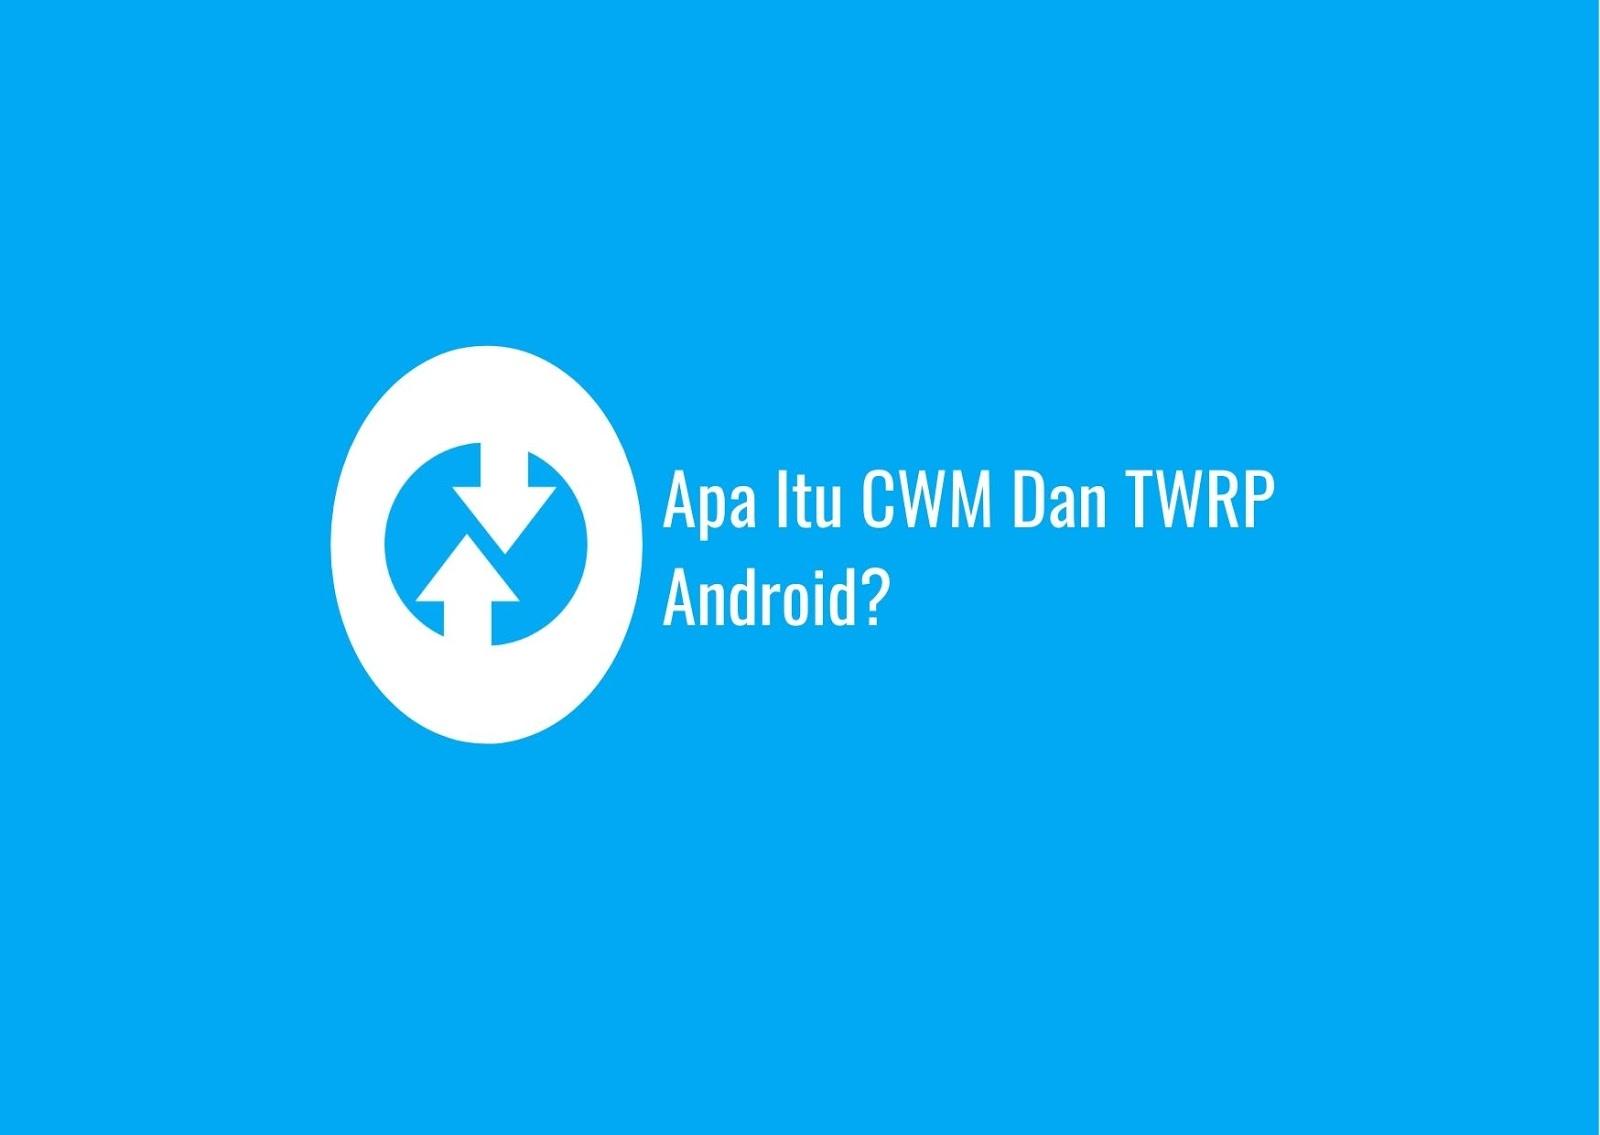 Apa Itu CWM Dan TWRP Android